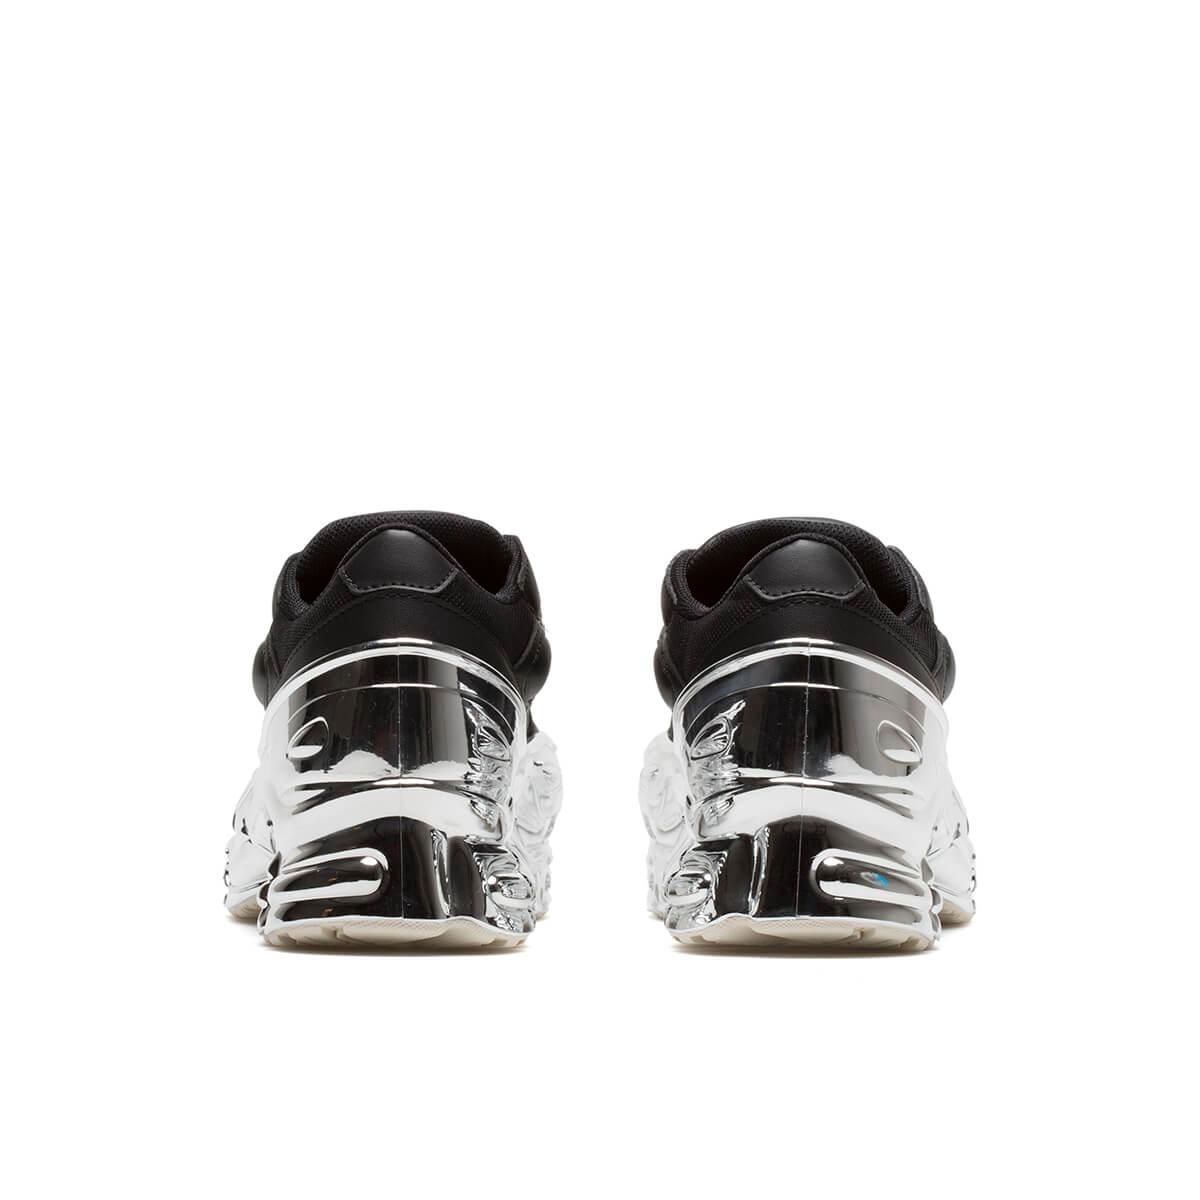 97839a518 Adidas By Raf Simons Adidas By Raf Simons Ozweego Sneakers - Black ...